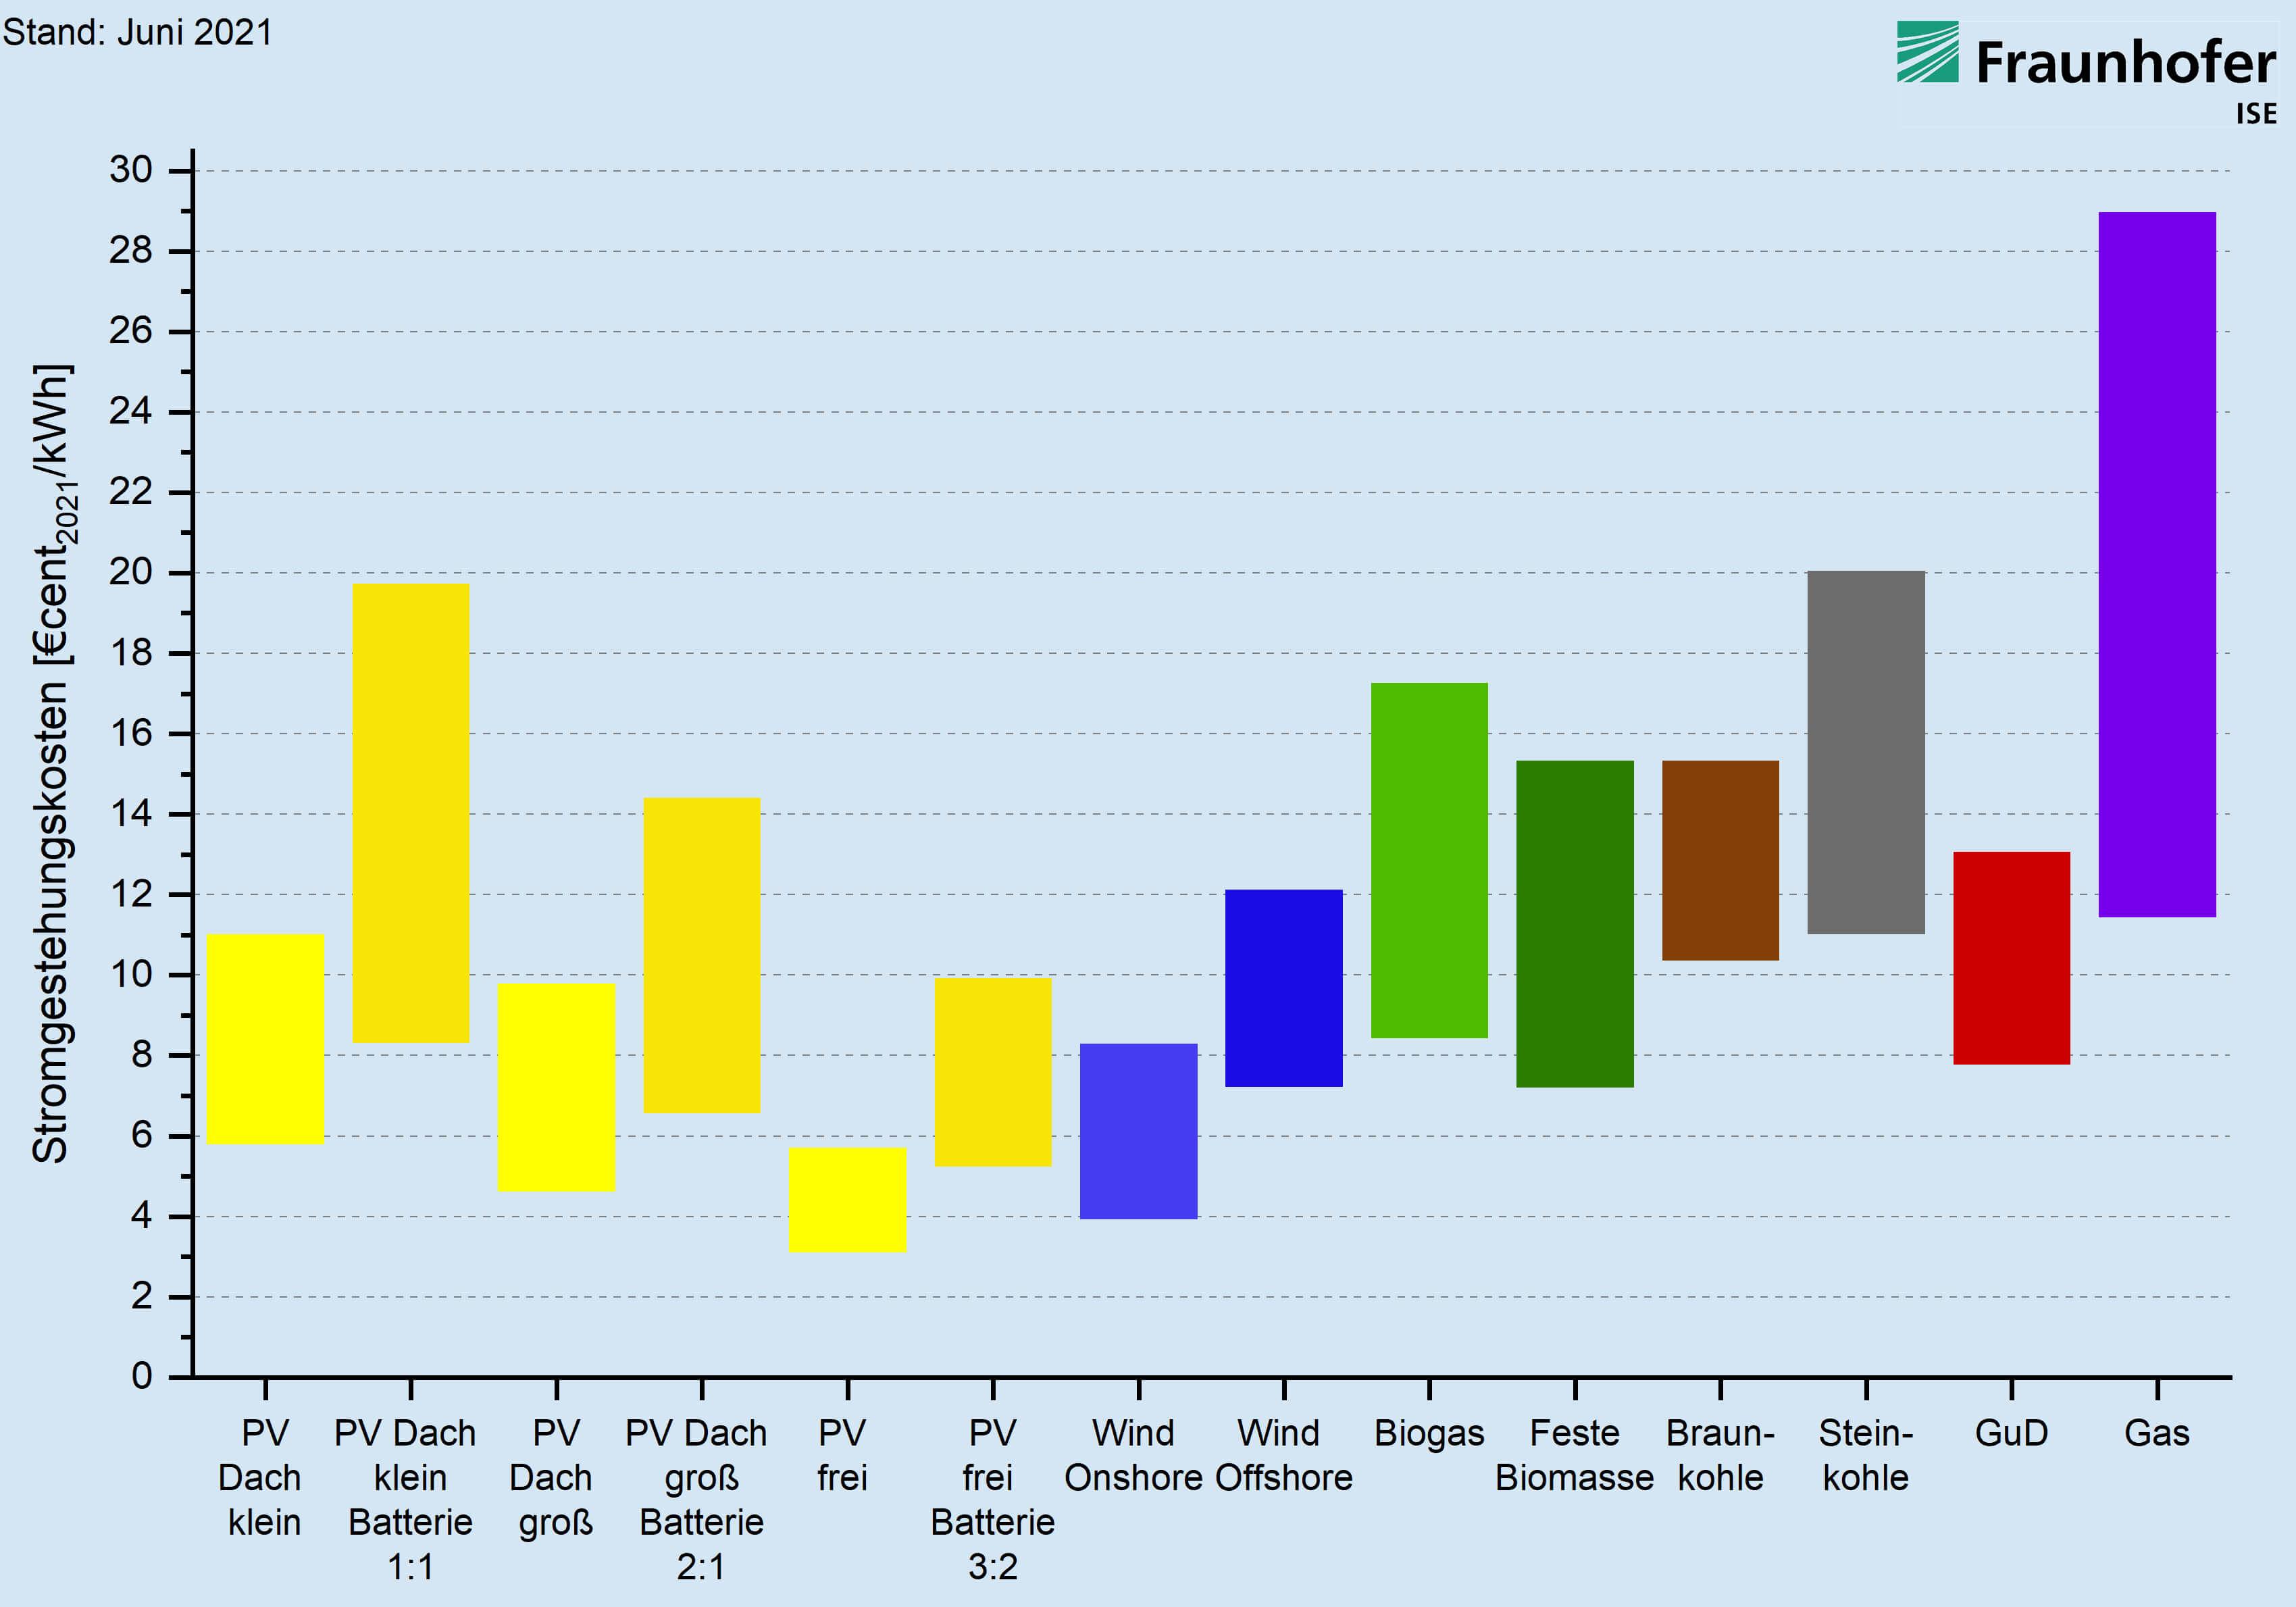 Stromgestehungskosten für erneuerbare Energien und konventionelle Kraftwerke an Standorten in Deutschland im Jahr 2021